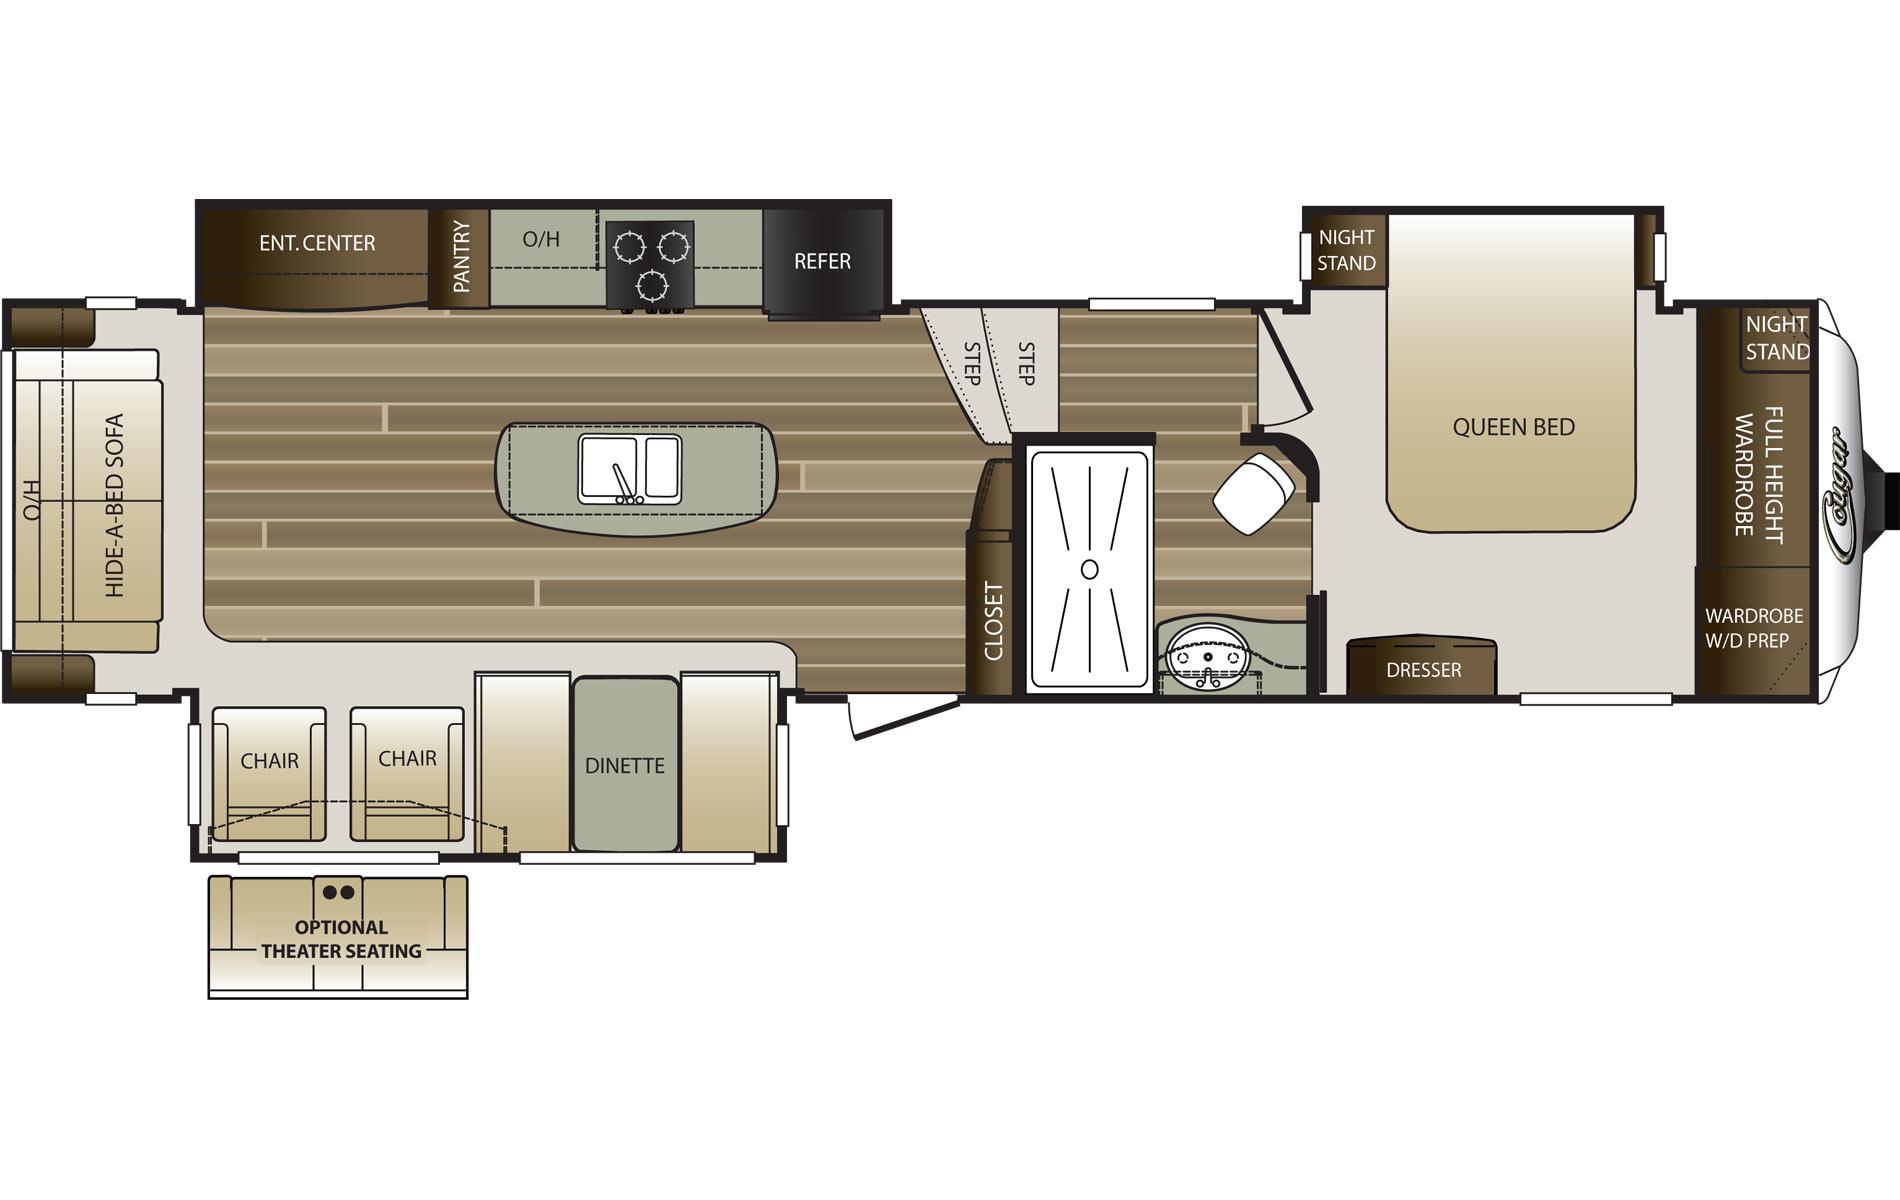 2015 KEYSTONE COUGAR 333MKS (couple) Floorplan